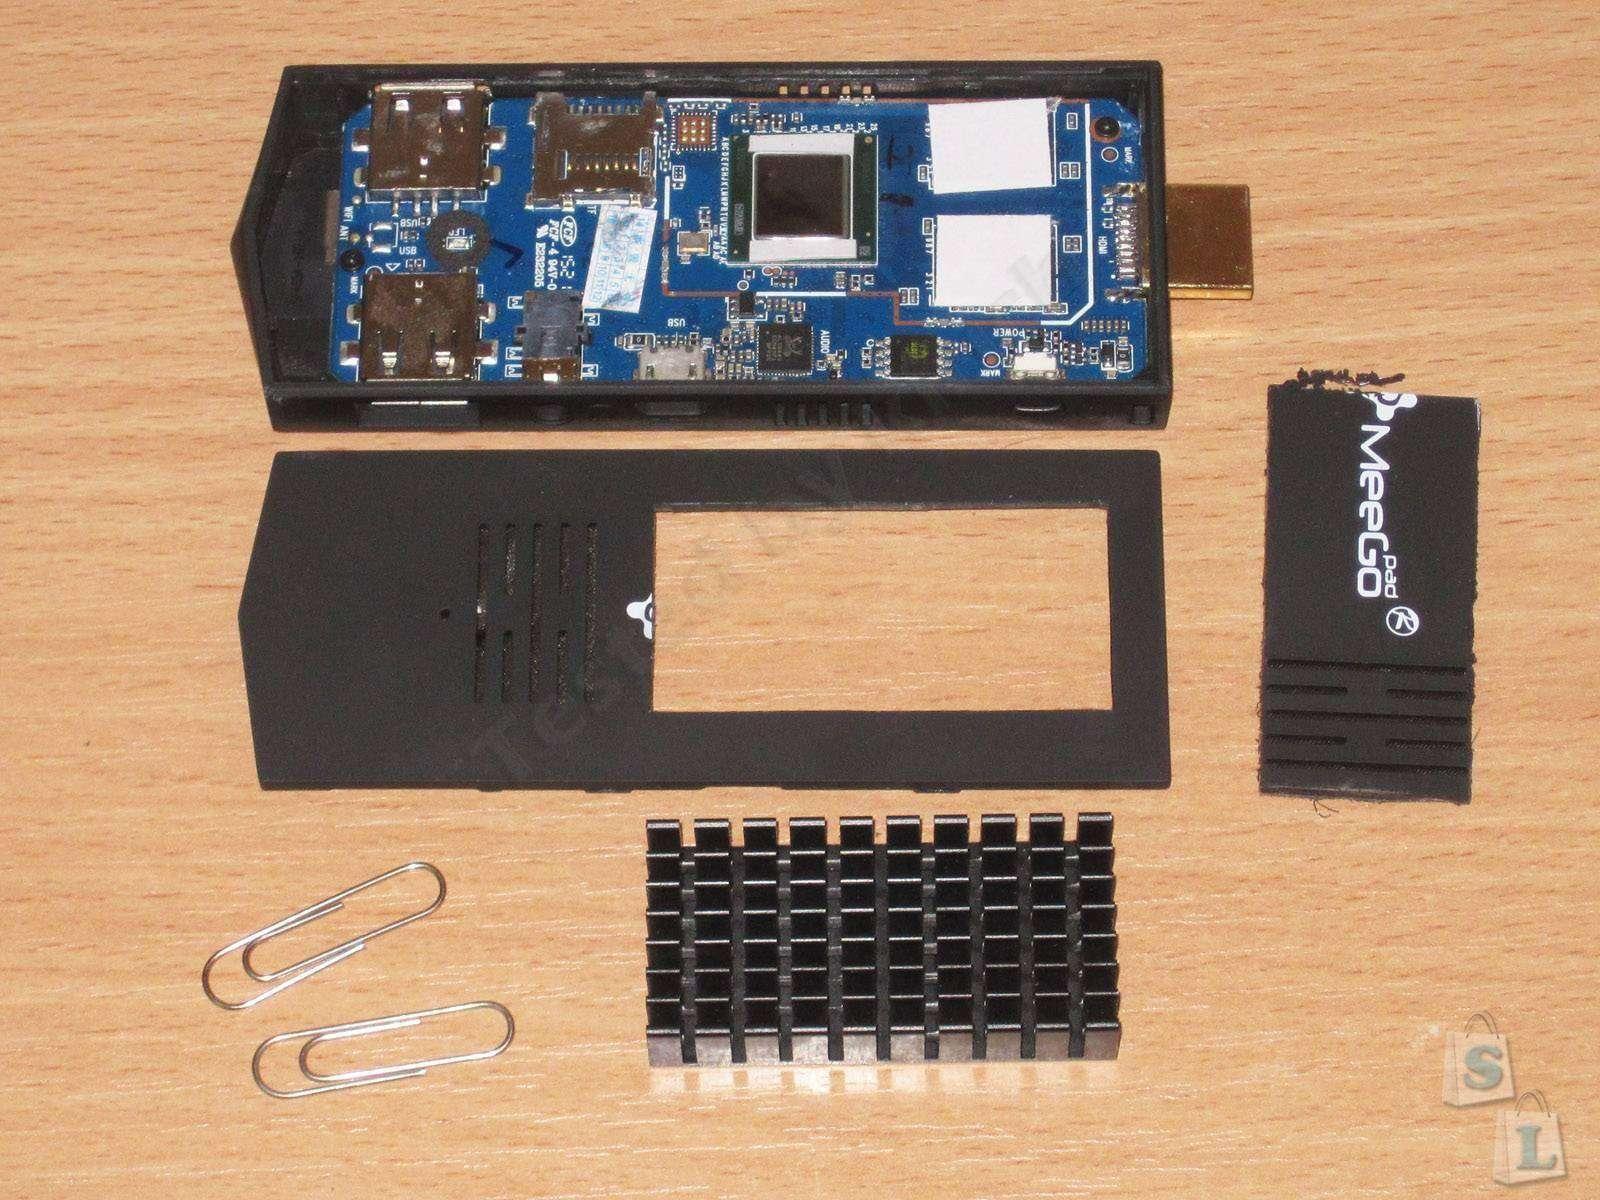 GearBest: MeeGoPad T02, почти самый маленький компьютер под управлением Windows 8.1